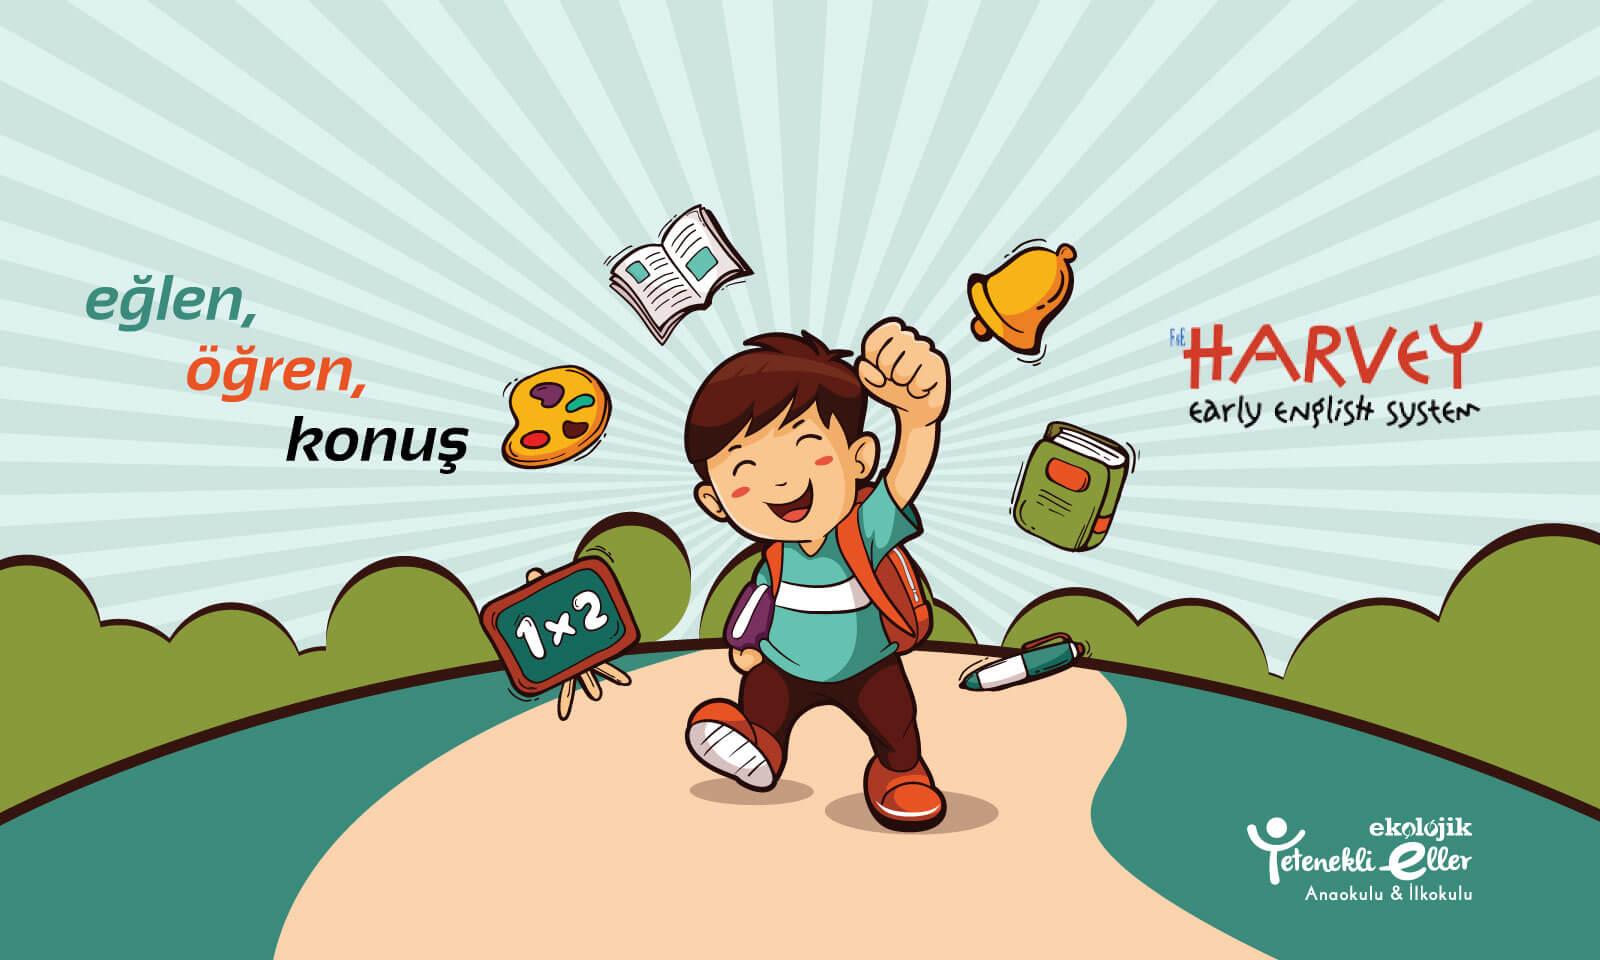 Yabancı dil eğitimleri ne kadar erken yaşta başlarsa, kalıcılığı o kadar uzun süre olmaktadır. Küçük yaşta çocukların bilgileri daha çabuk öğrendiği bilimsel olarak kabul edilmiştir